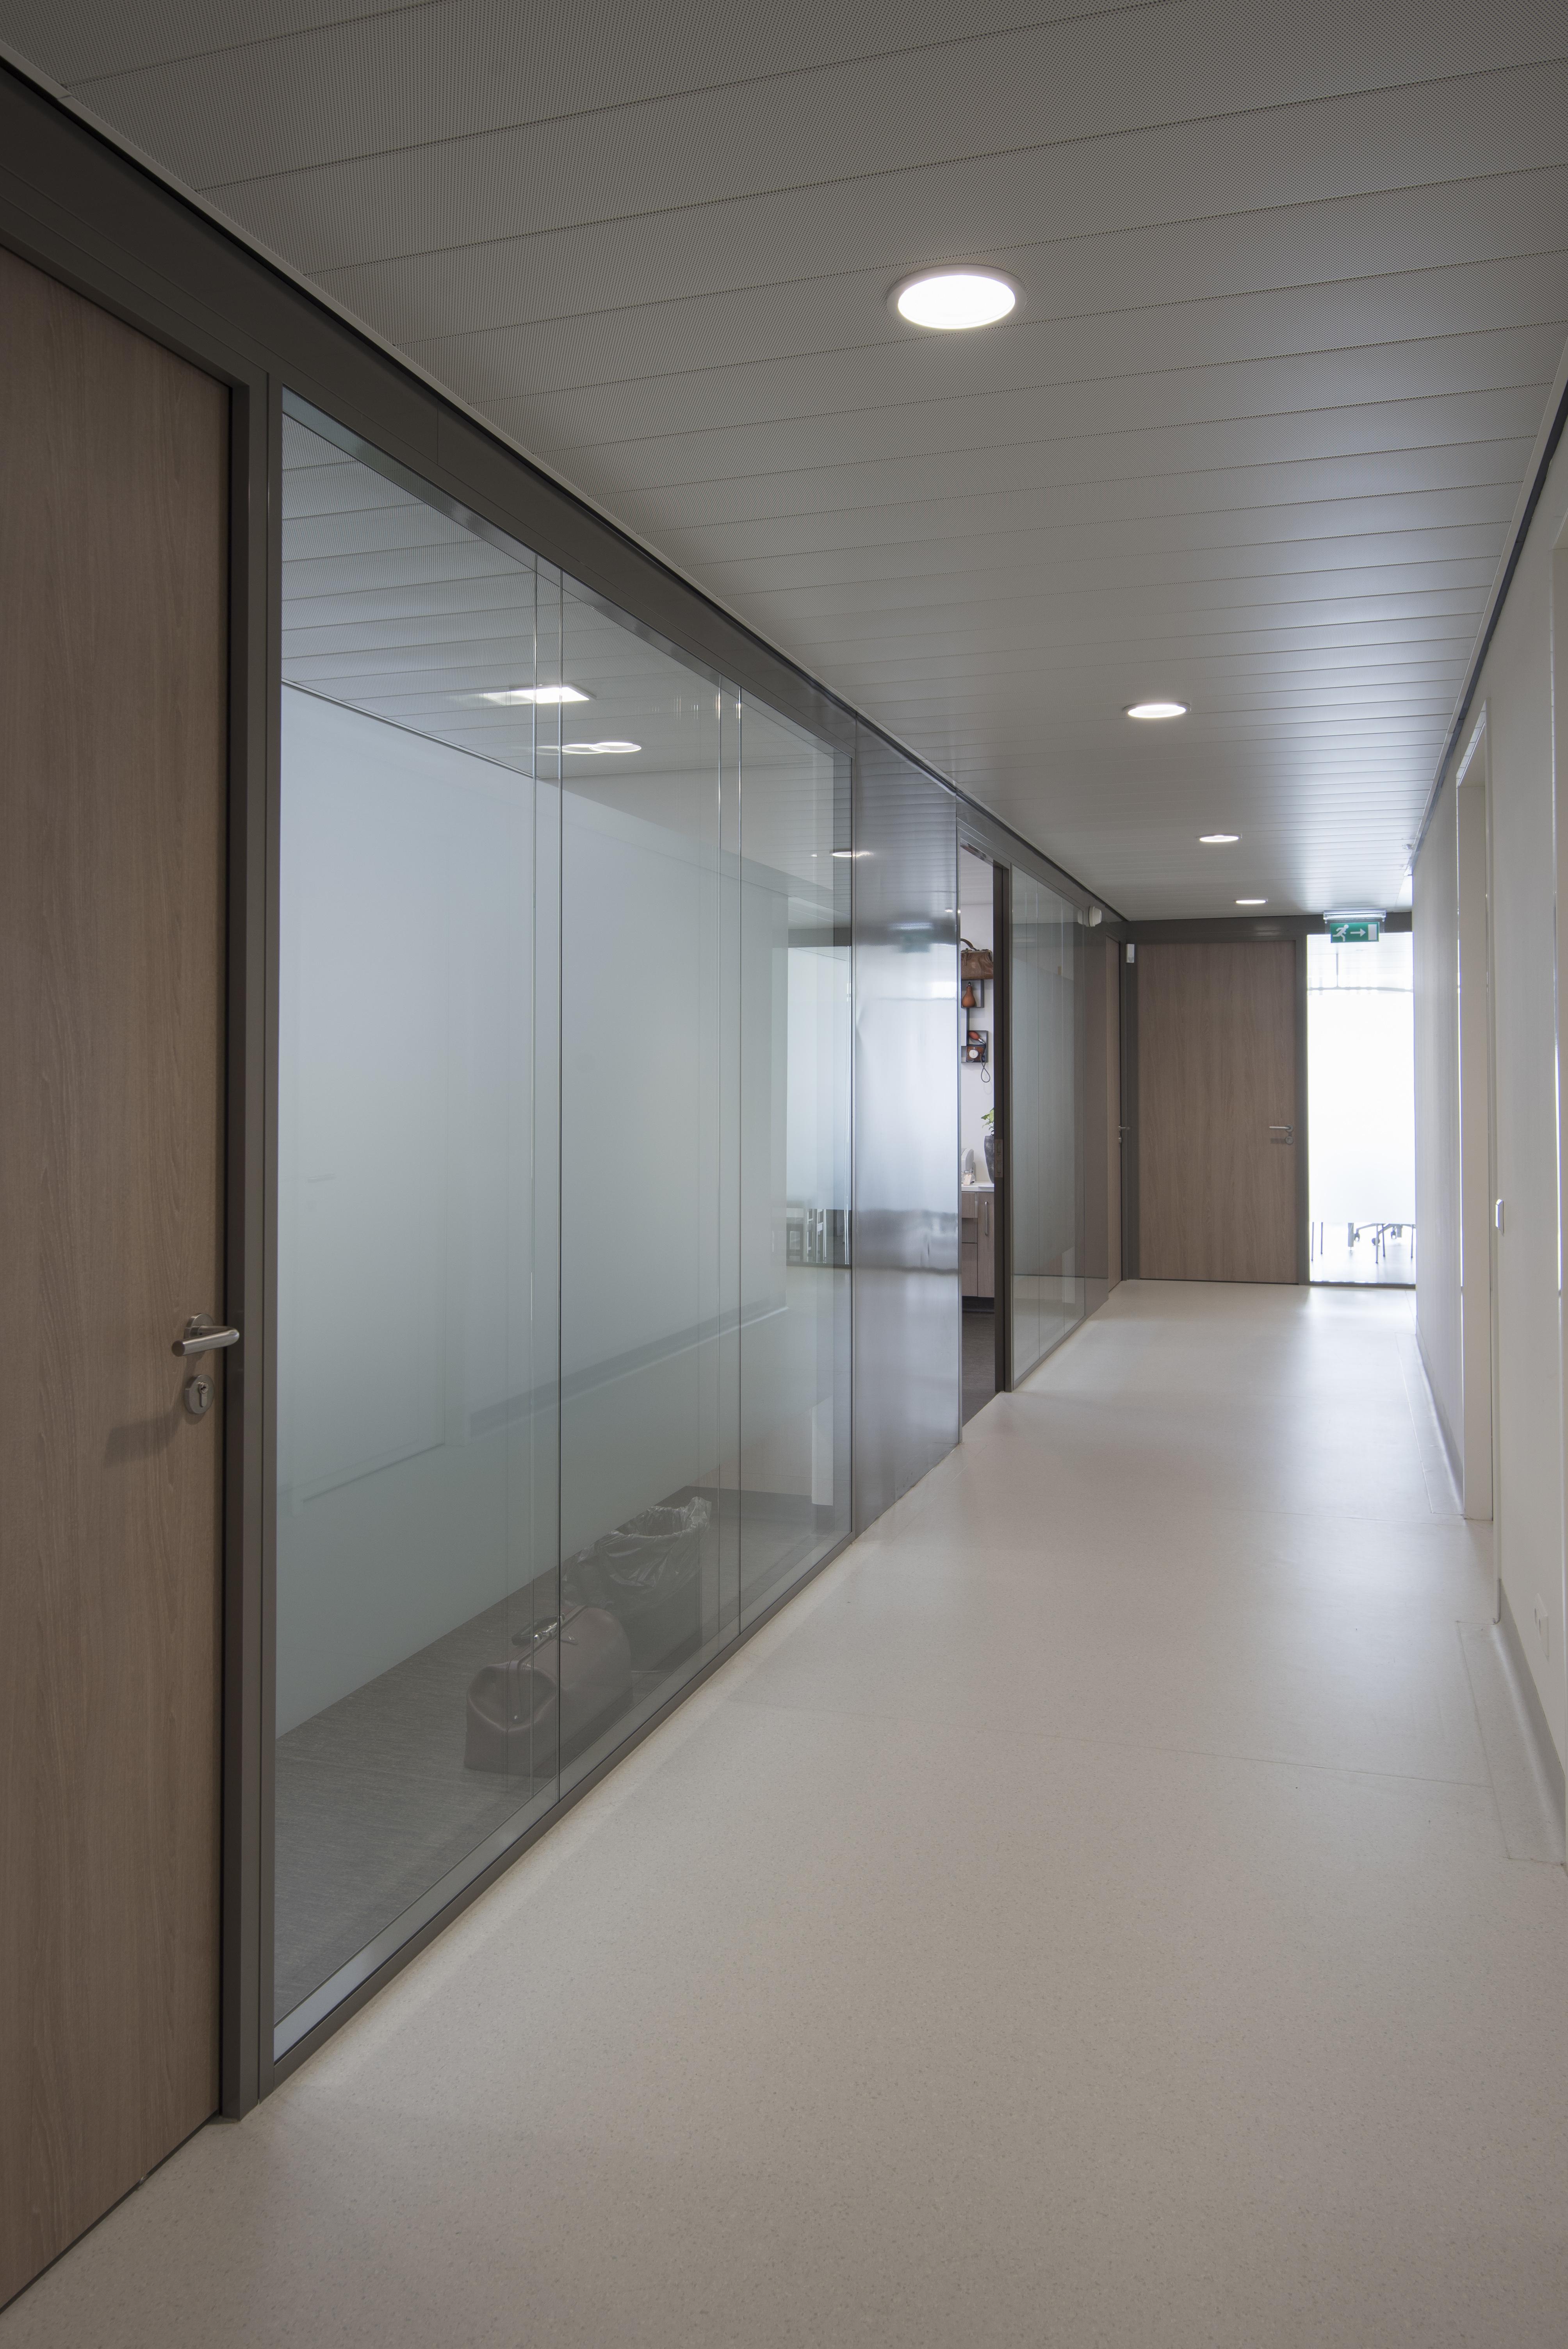 <p>Zicht op de behandelkamers van de huisartsen in De Kandelaar &#8211; HET architectenbureau</p>